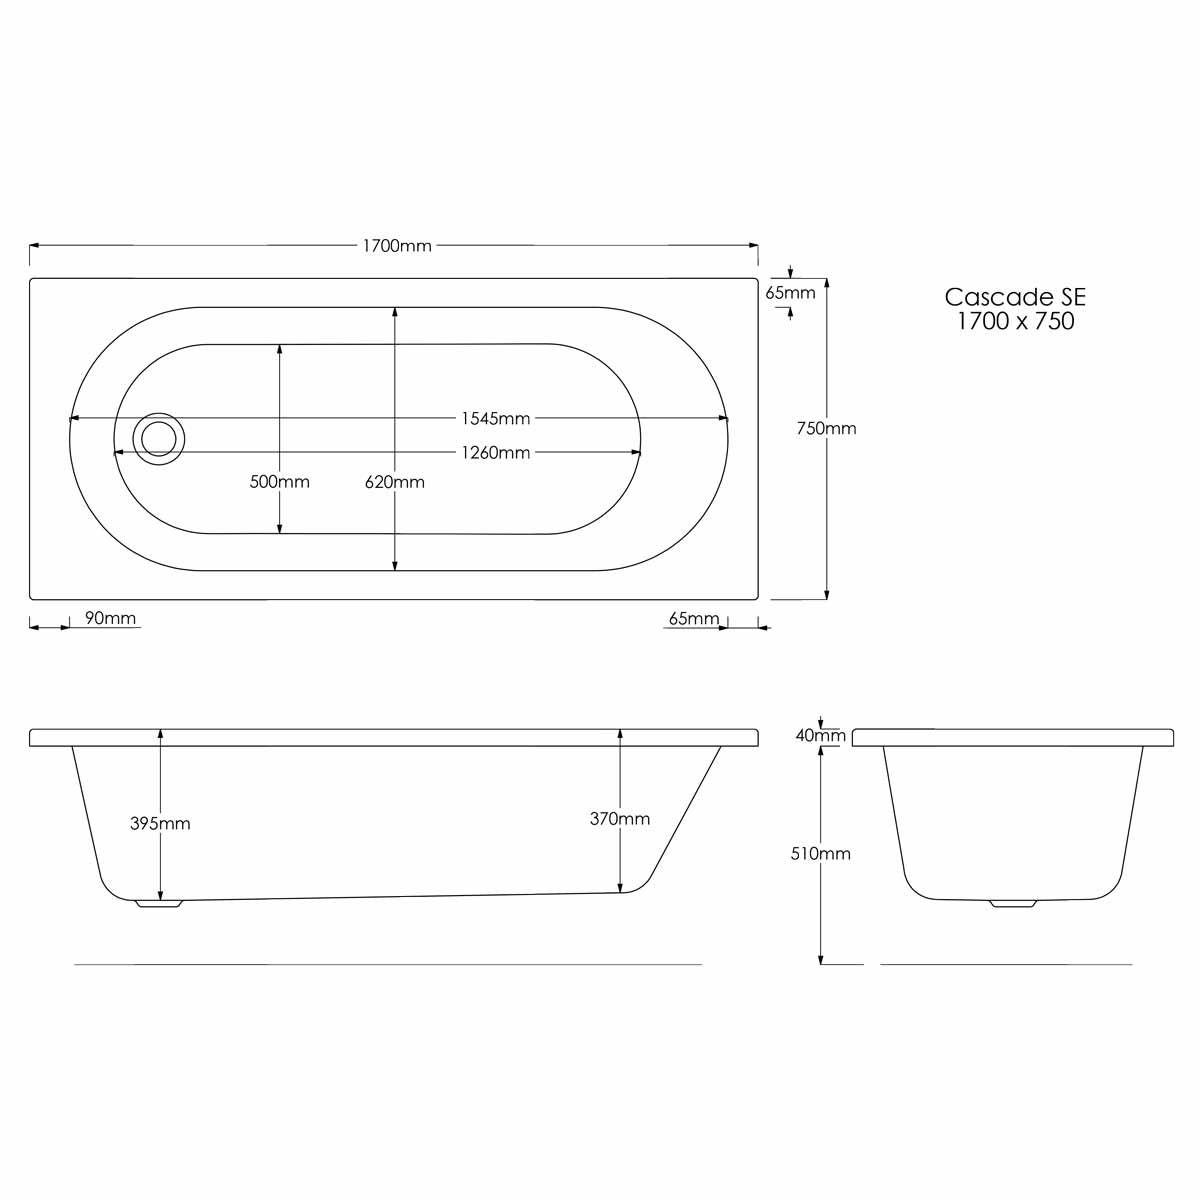 Trojan Cascade Single Ended Bath 1700 x 750 Dimensions